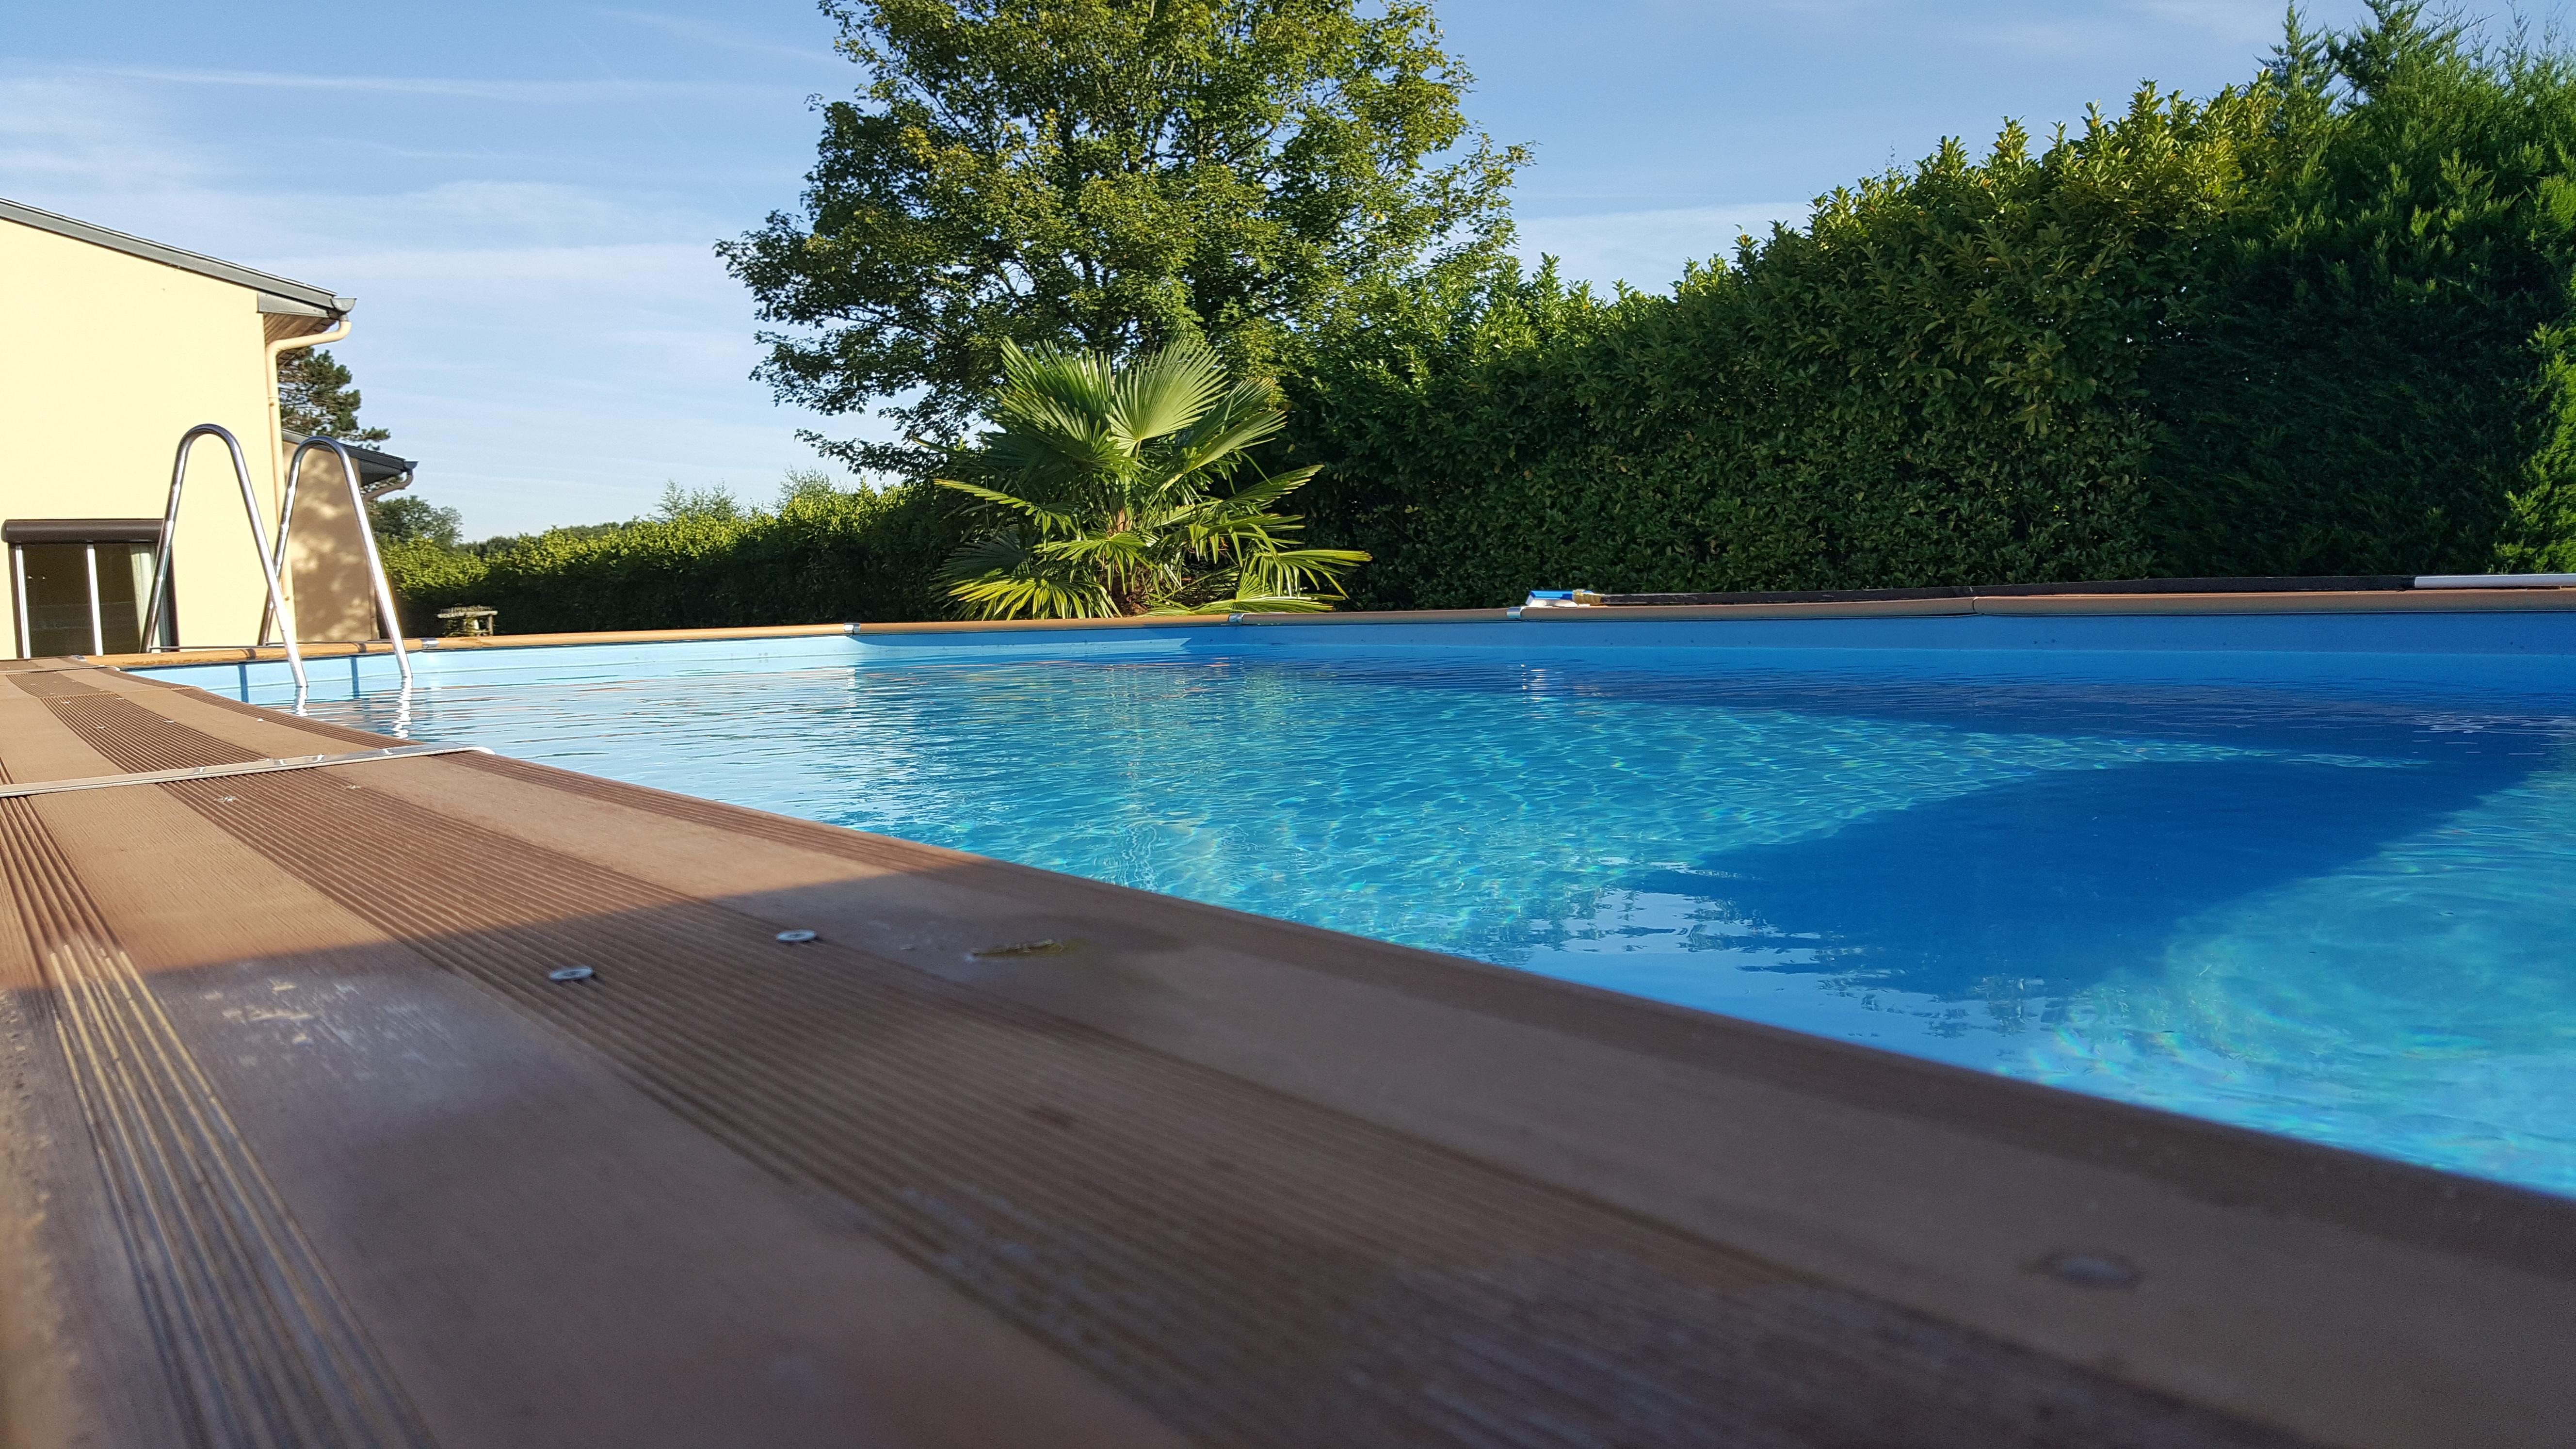 Maison A Proximite De Fontainebleau Avec Piscine Suites A Louer